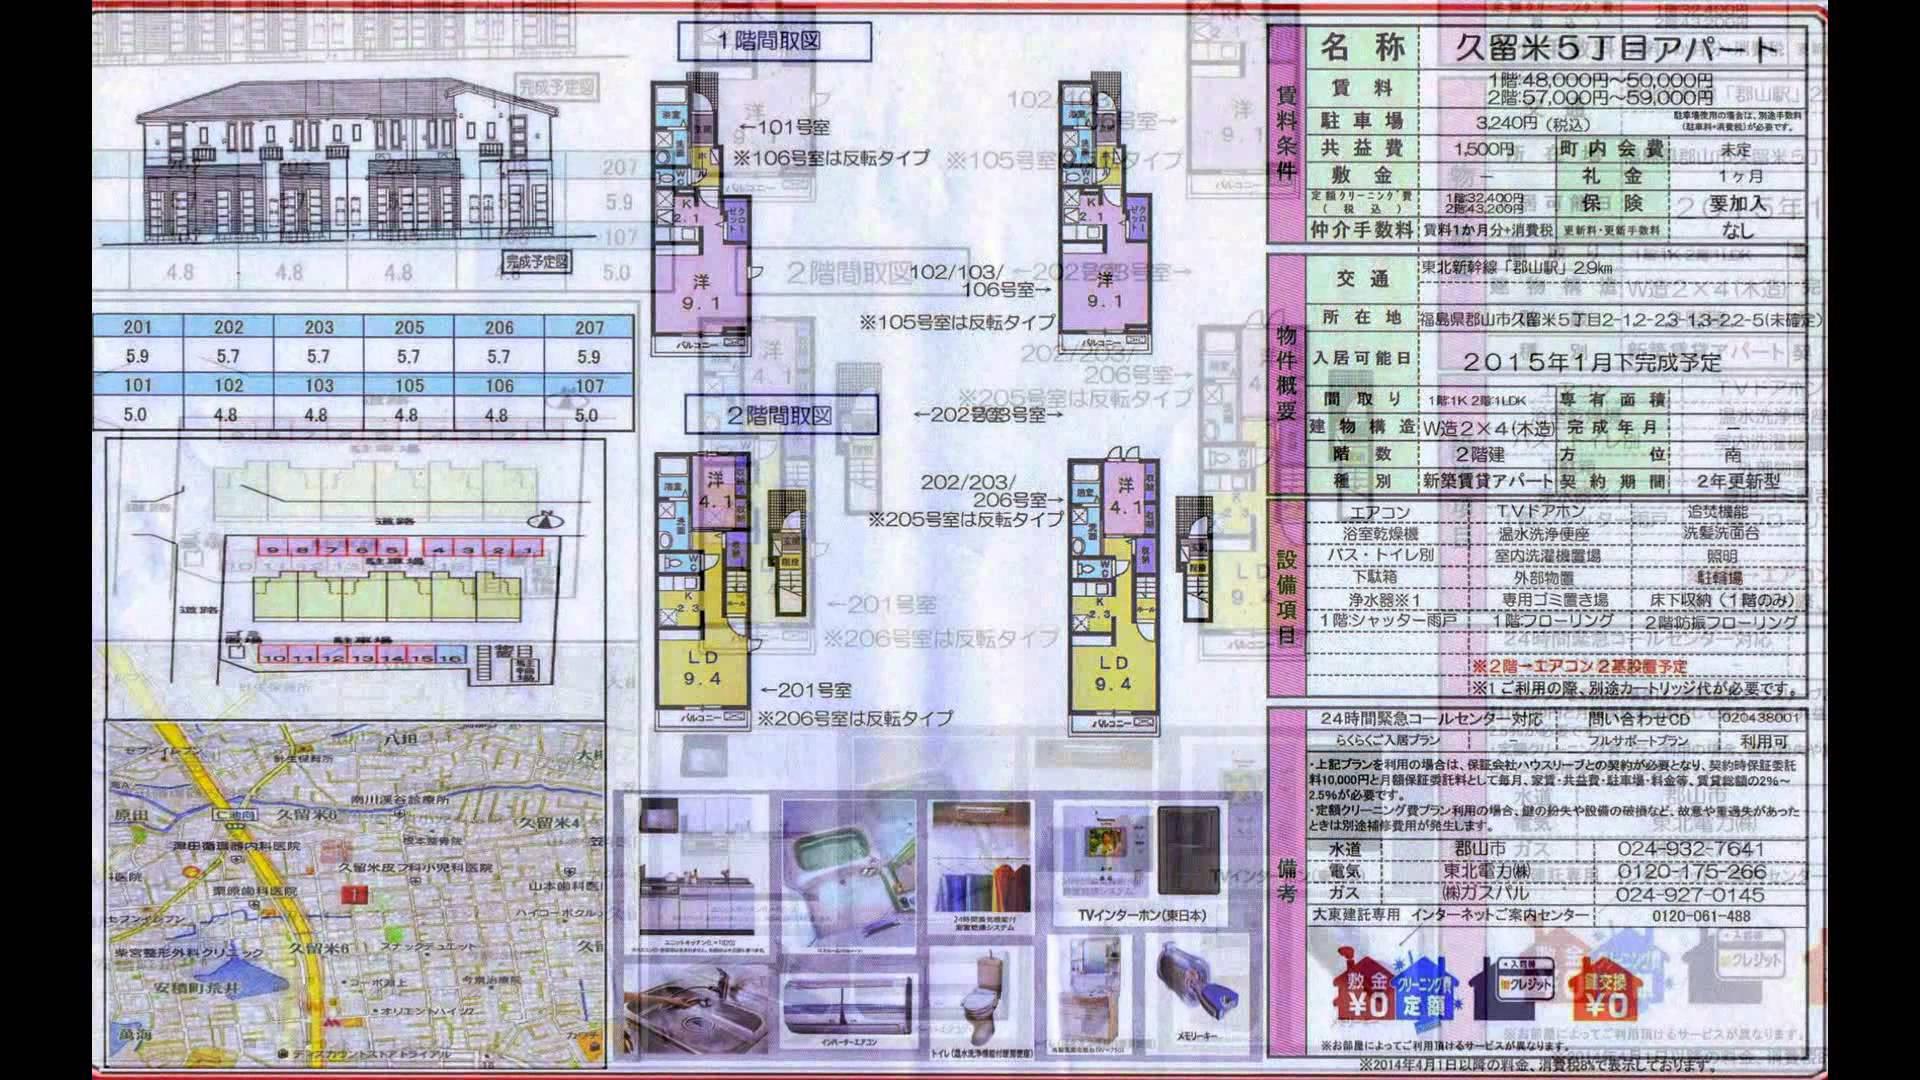 アパート・マンション等賃貸仲介・管理物件求む。 福島県郡山市